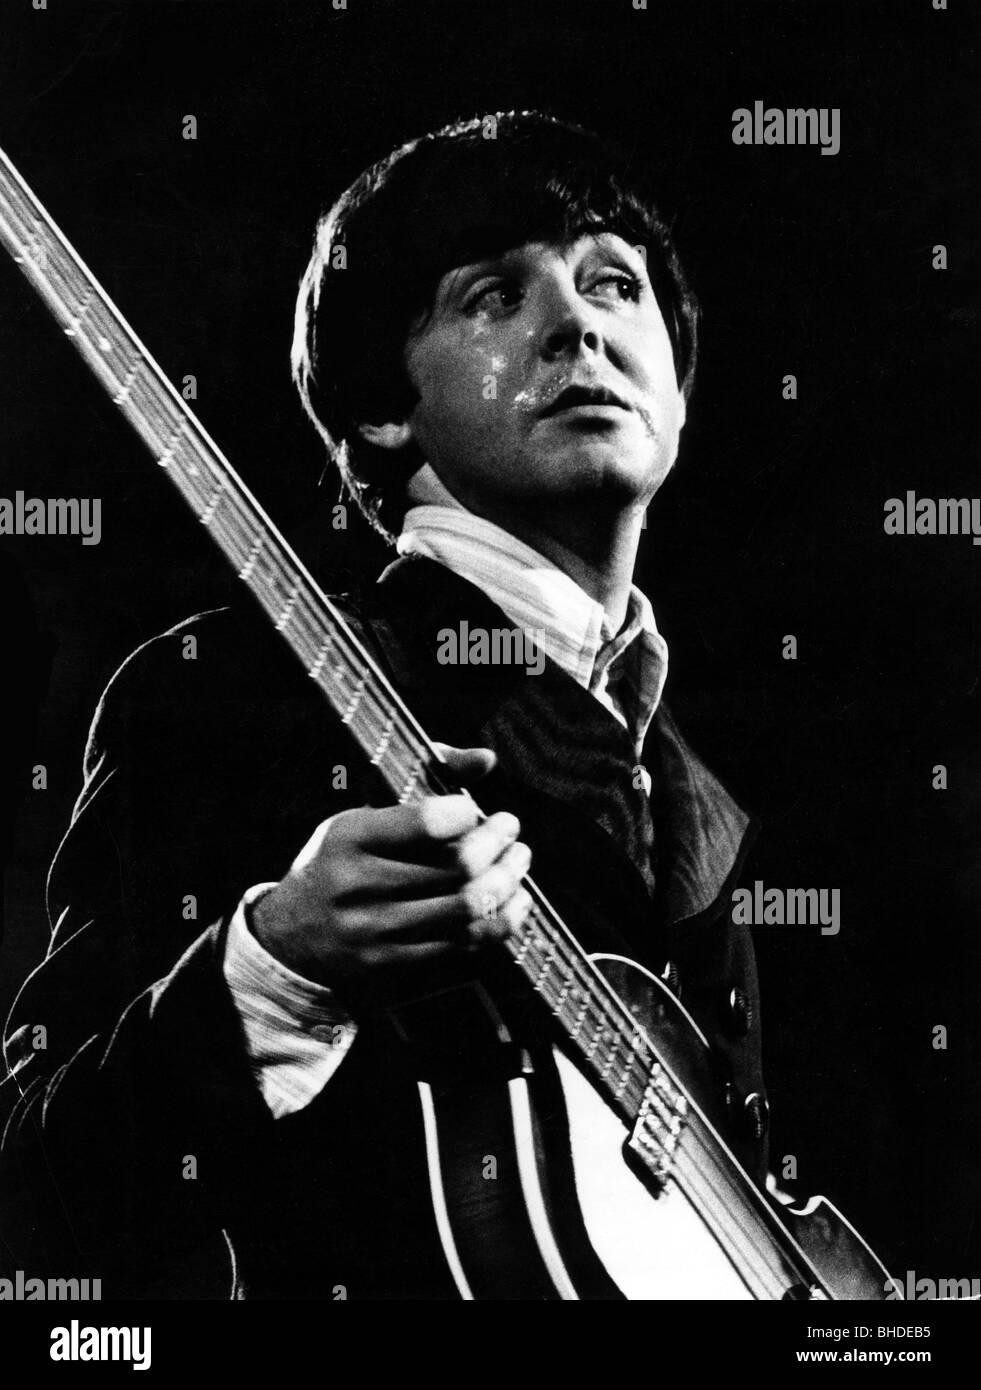 McCartney, Paul, * 18.6.1942, cantante y músico británico, (The Beatles), de media duración, cantando, en concierto, Foto de stock